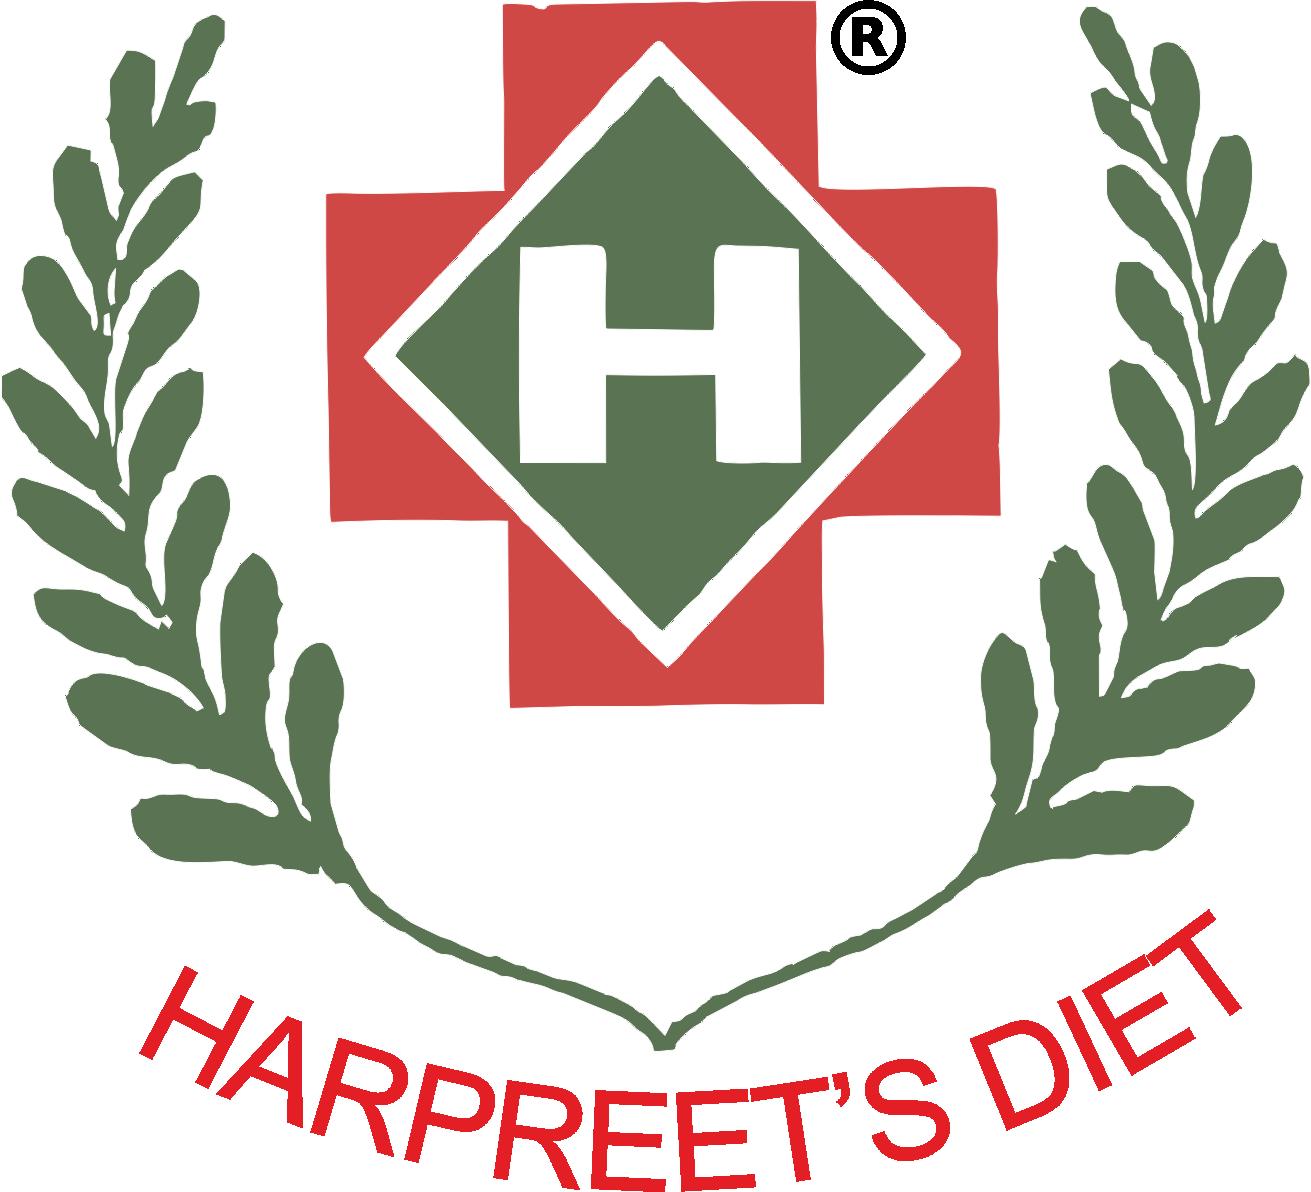 Harpreet's Diet